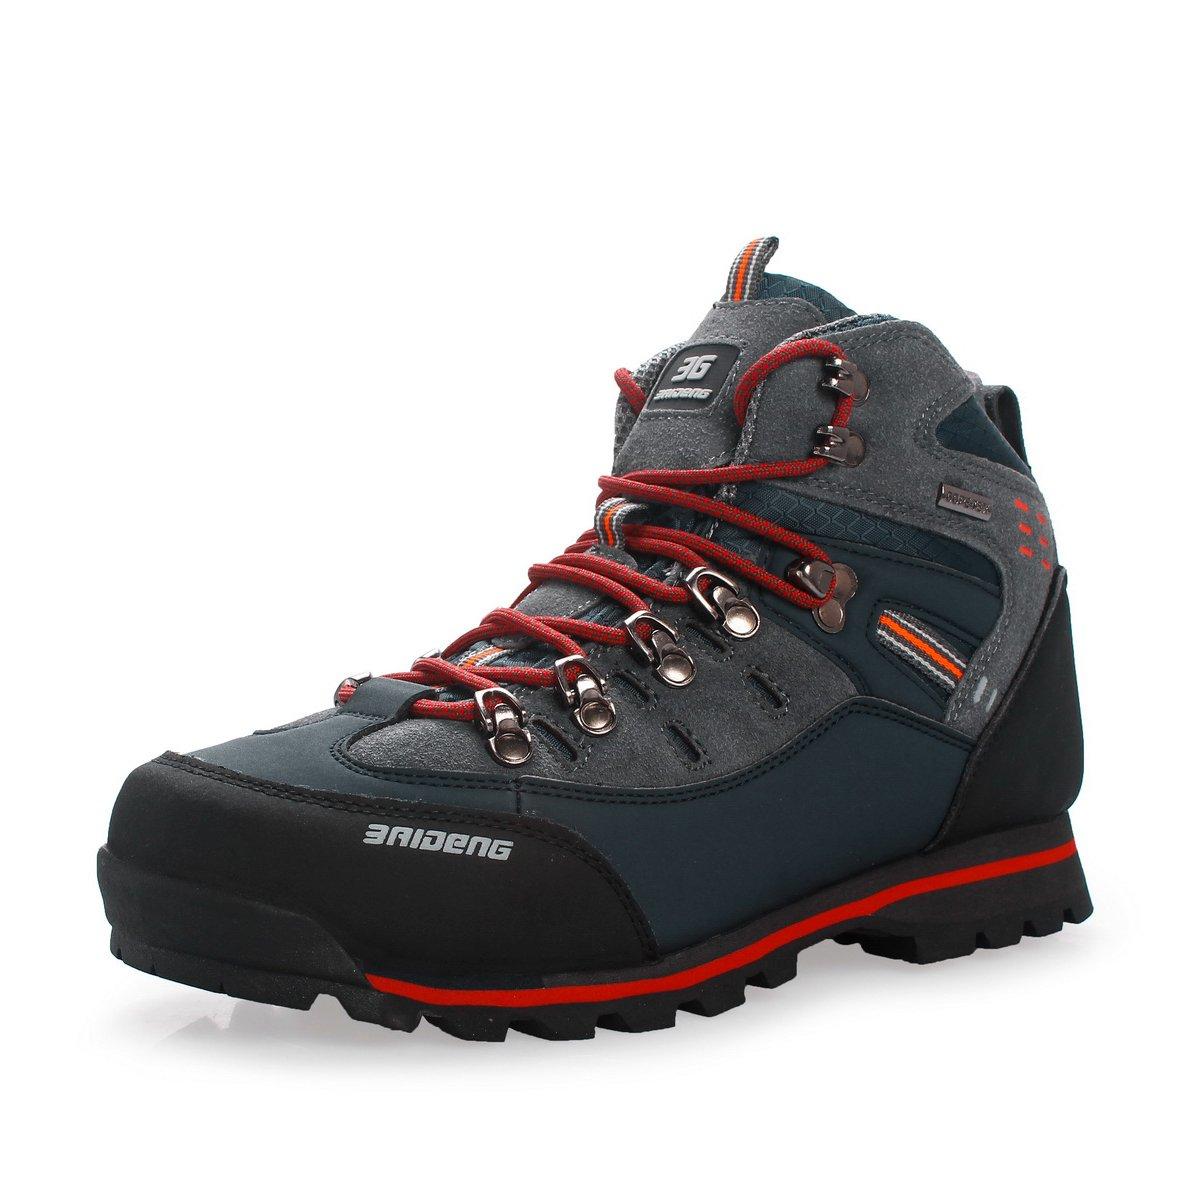 Herren Wanderschuhe Männer Niedrig-Top Outdoor Turnschuhe Sommer Sportschuhe Trekking Schuhe mit Anti-Rutsch Atmungsaktiv